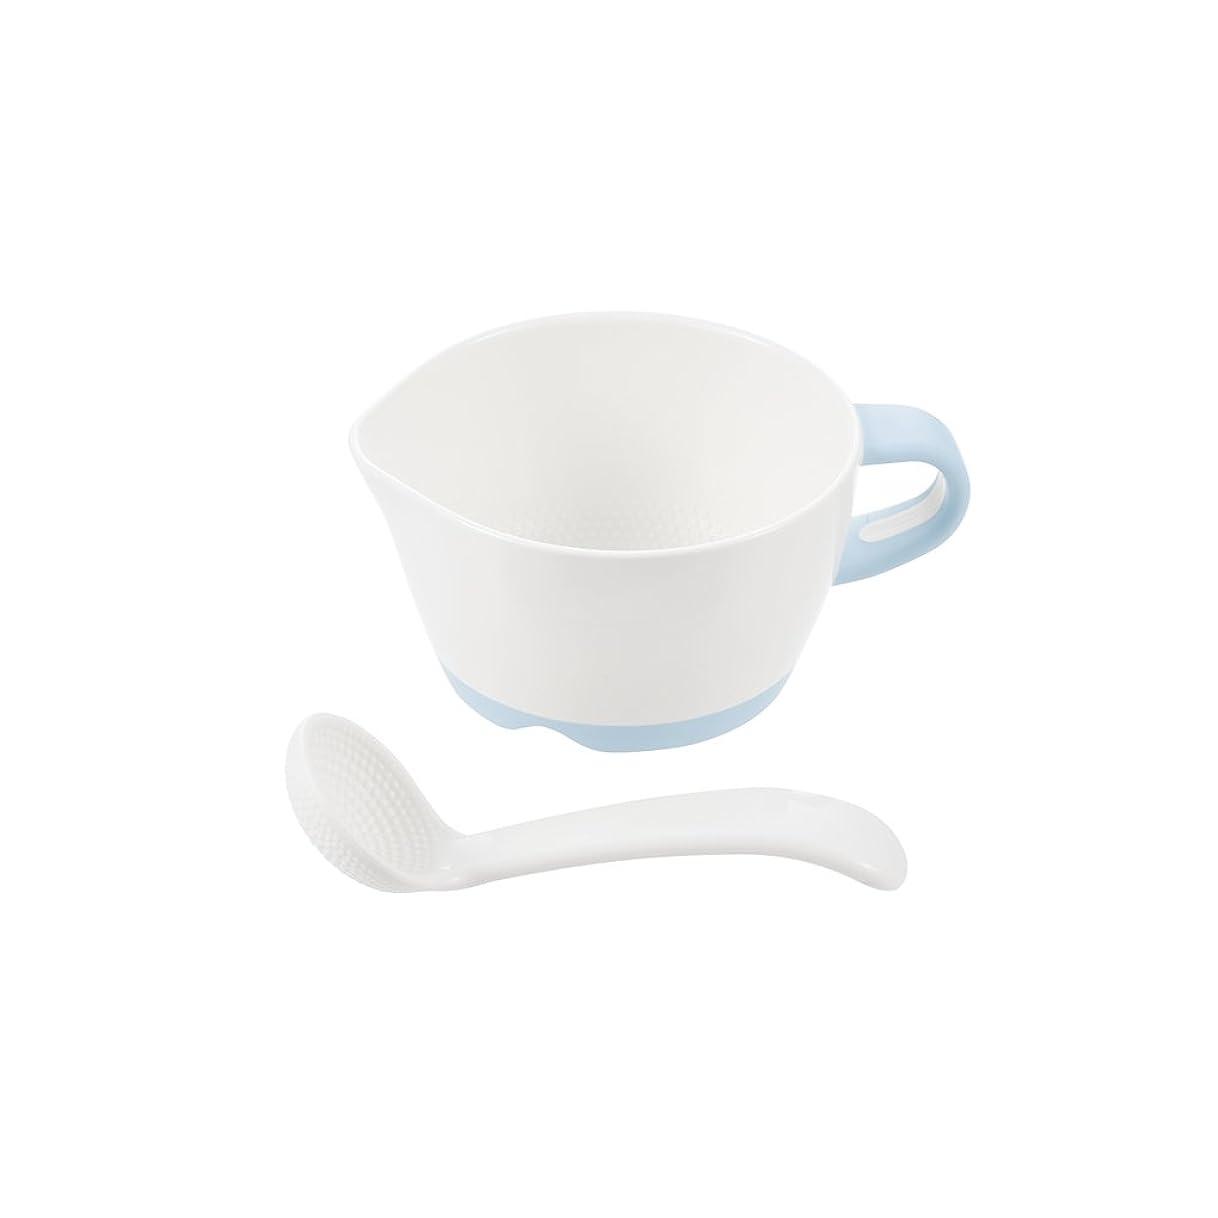 眉湖彼女のリッチェル Richell トライ 調理もできる離乳食カップ(すりつぶしスプーン付)